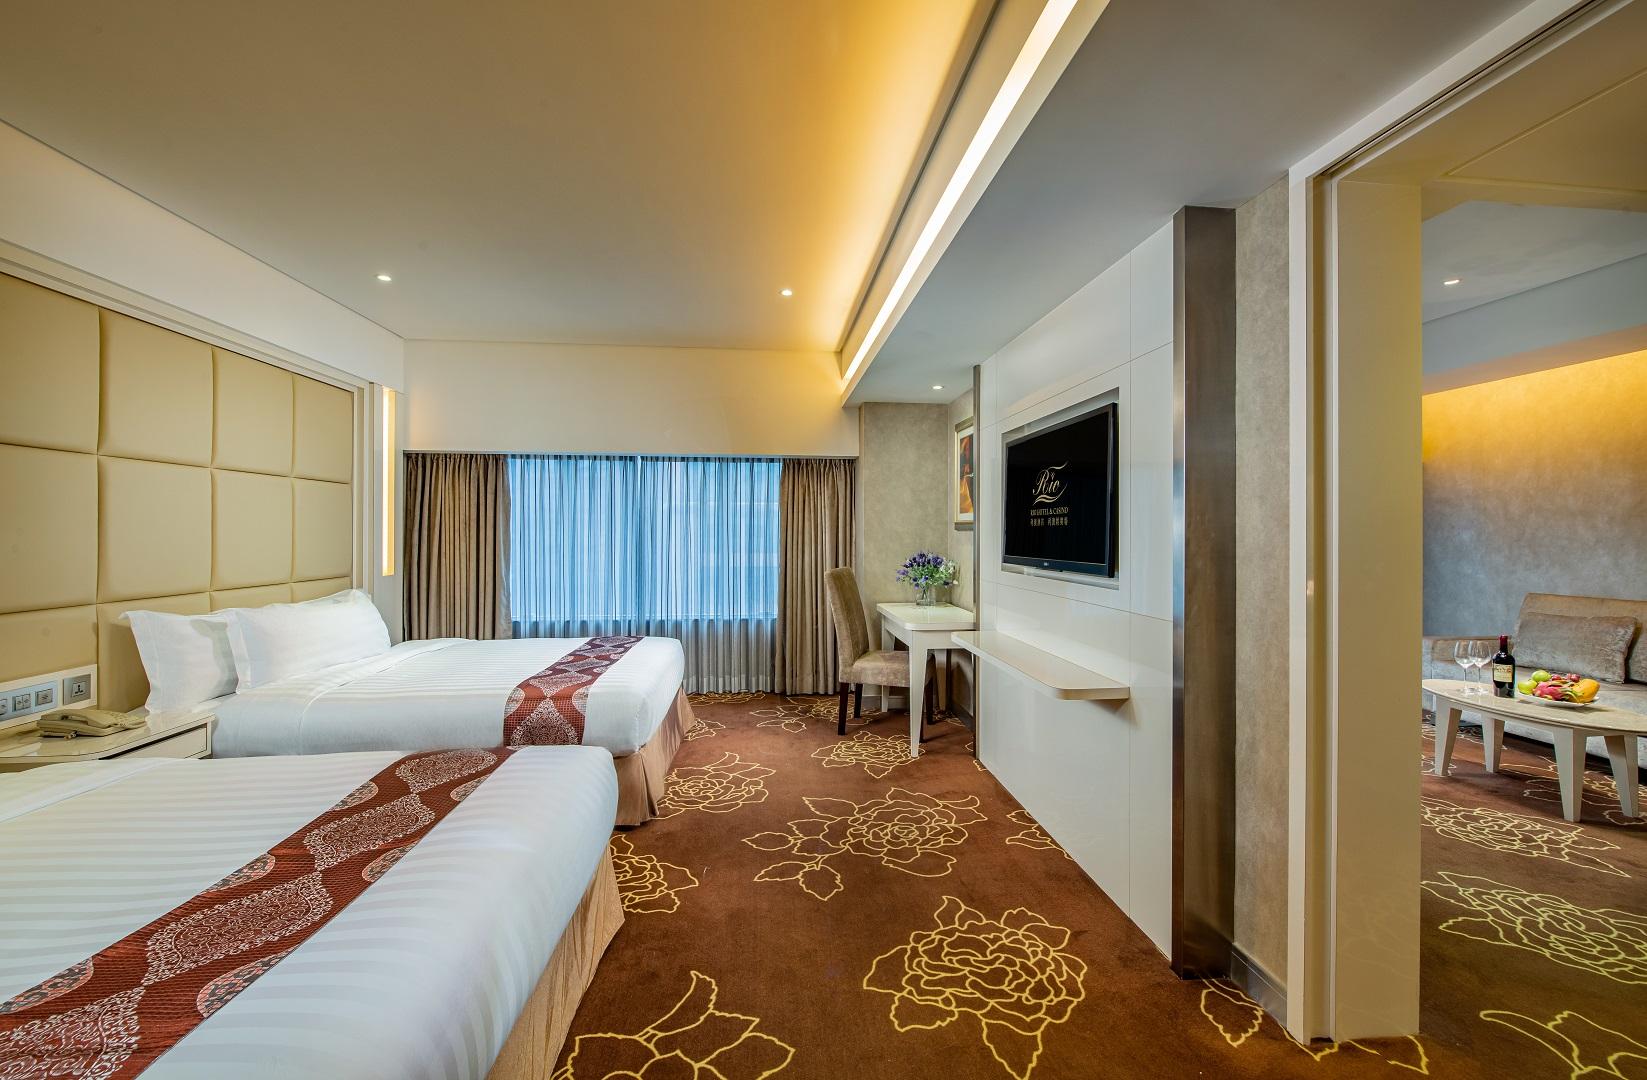 First Class Hotel Macau | Luxury Hotel in Macau | Budget & Boutique